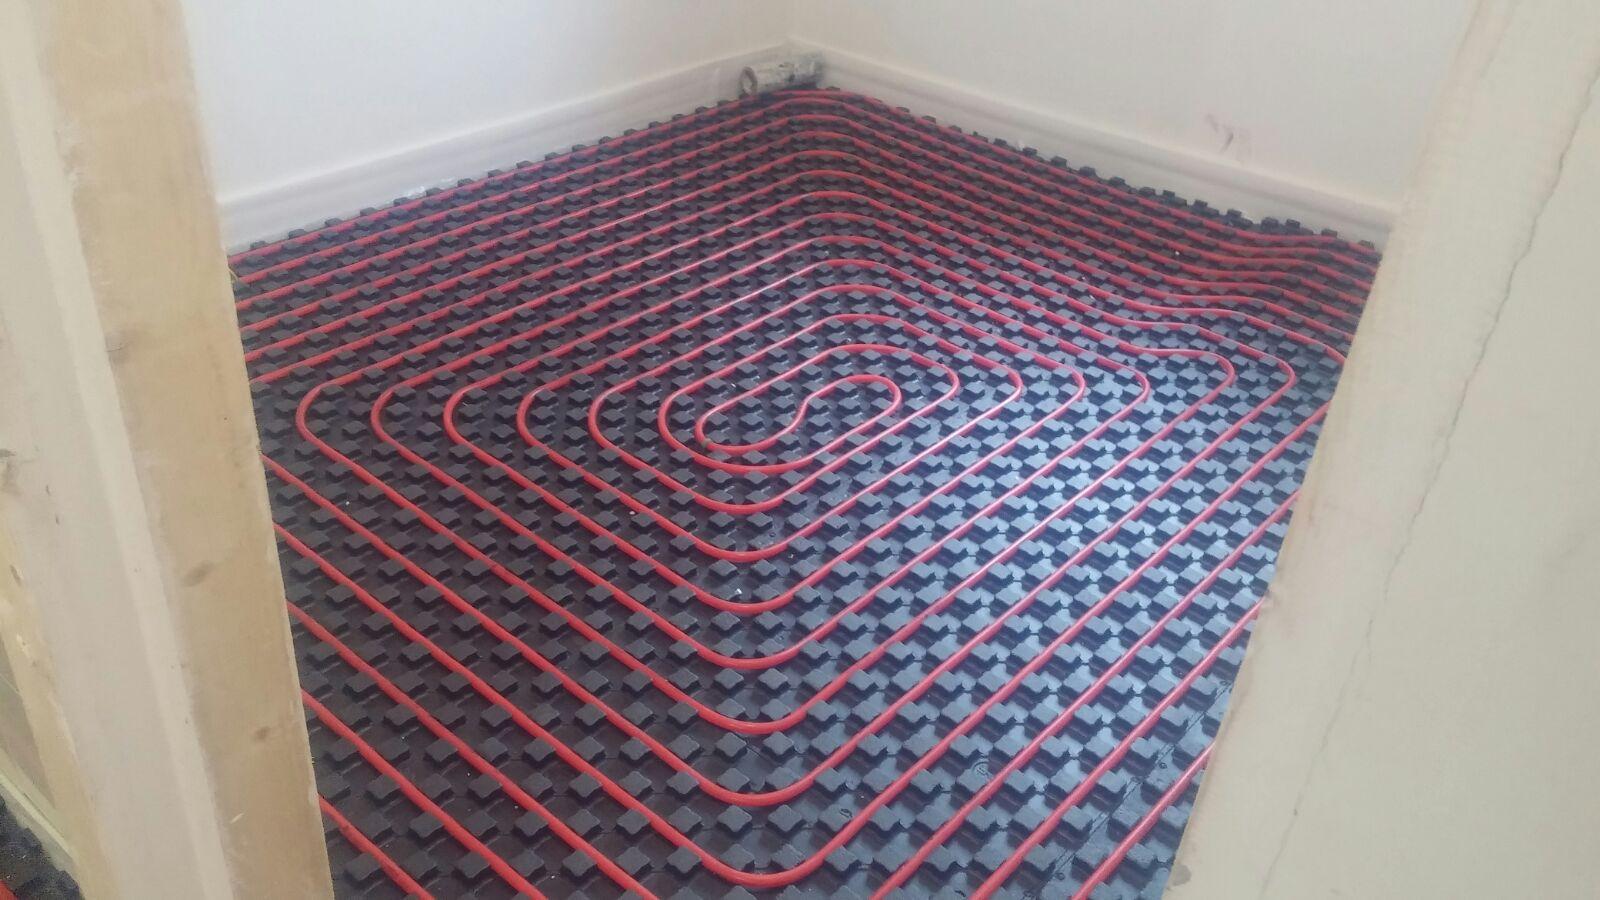 Instalacion de suelo radiante latest suelo radiante y refrescante pulse para ampliar la imagen - Instalacion suelo radiante ...